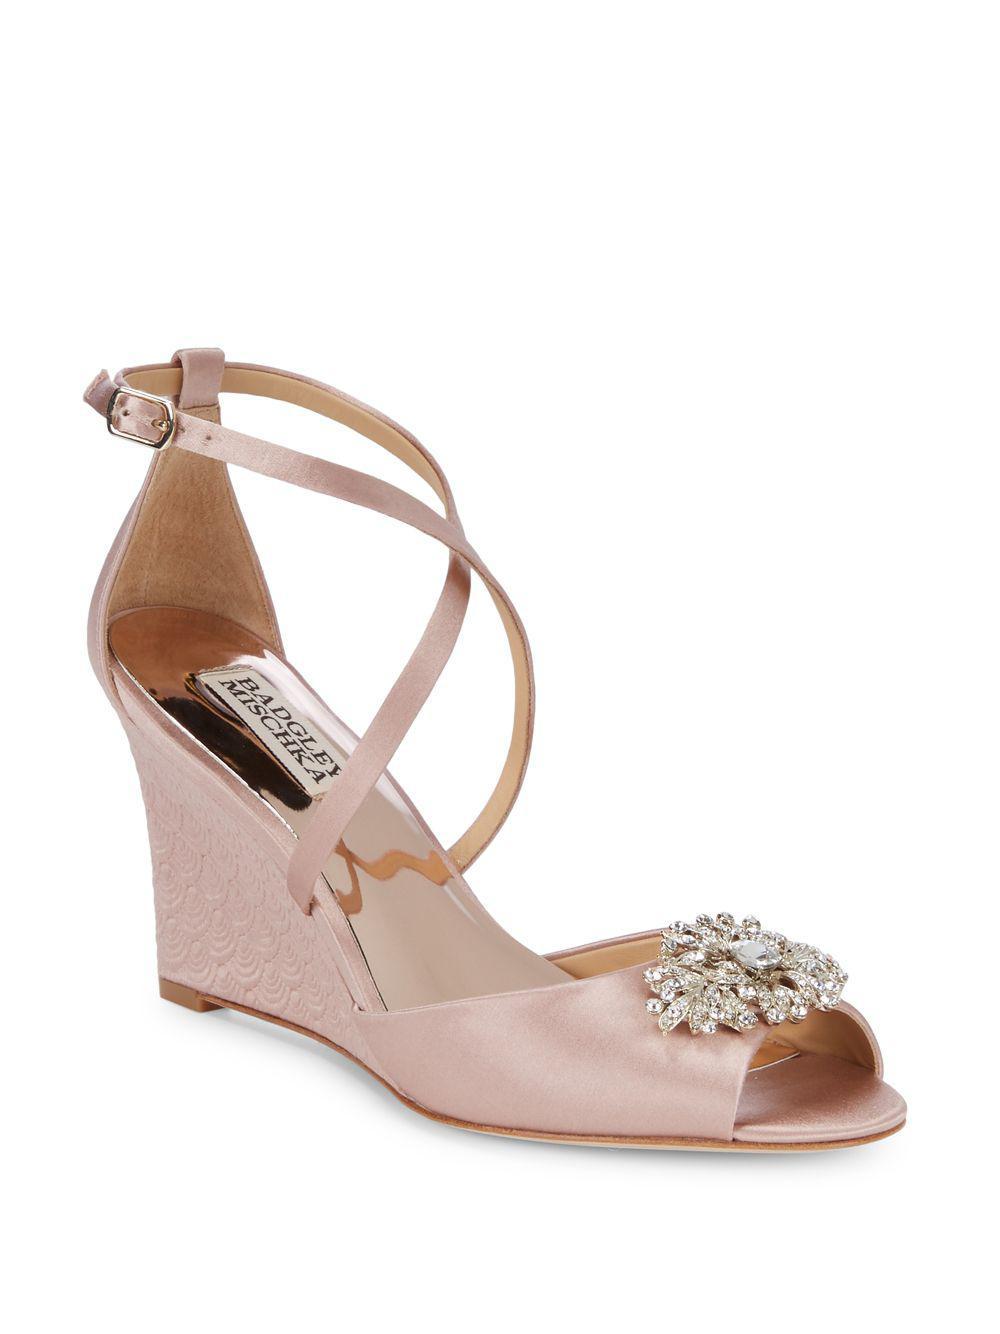 38598354ebaf Badgley Mischka Abigail Embellished Satin Ankle Strap Sandals - Save ...